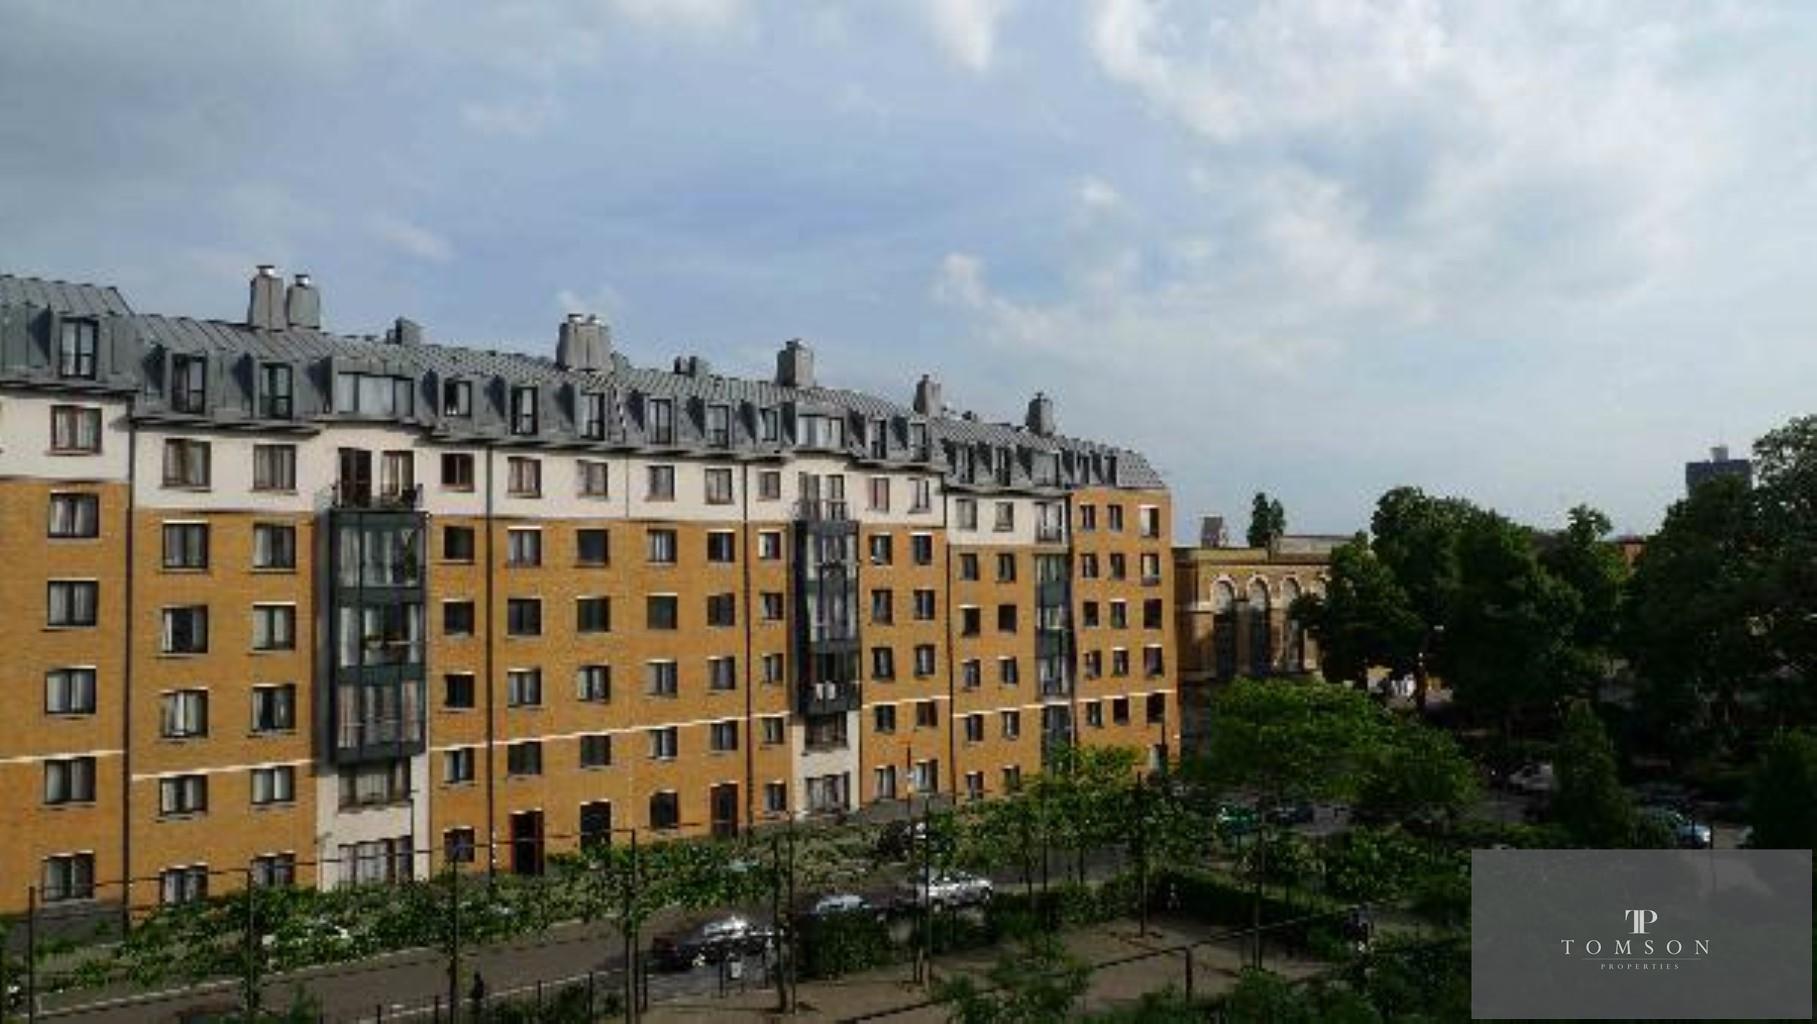 Flat - Ixelles - #4150217-6